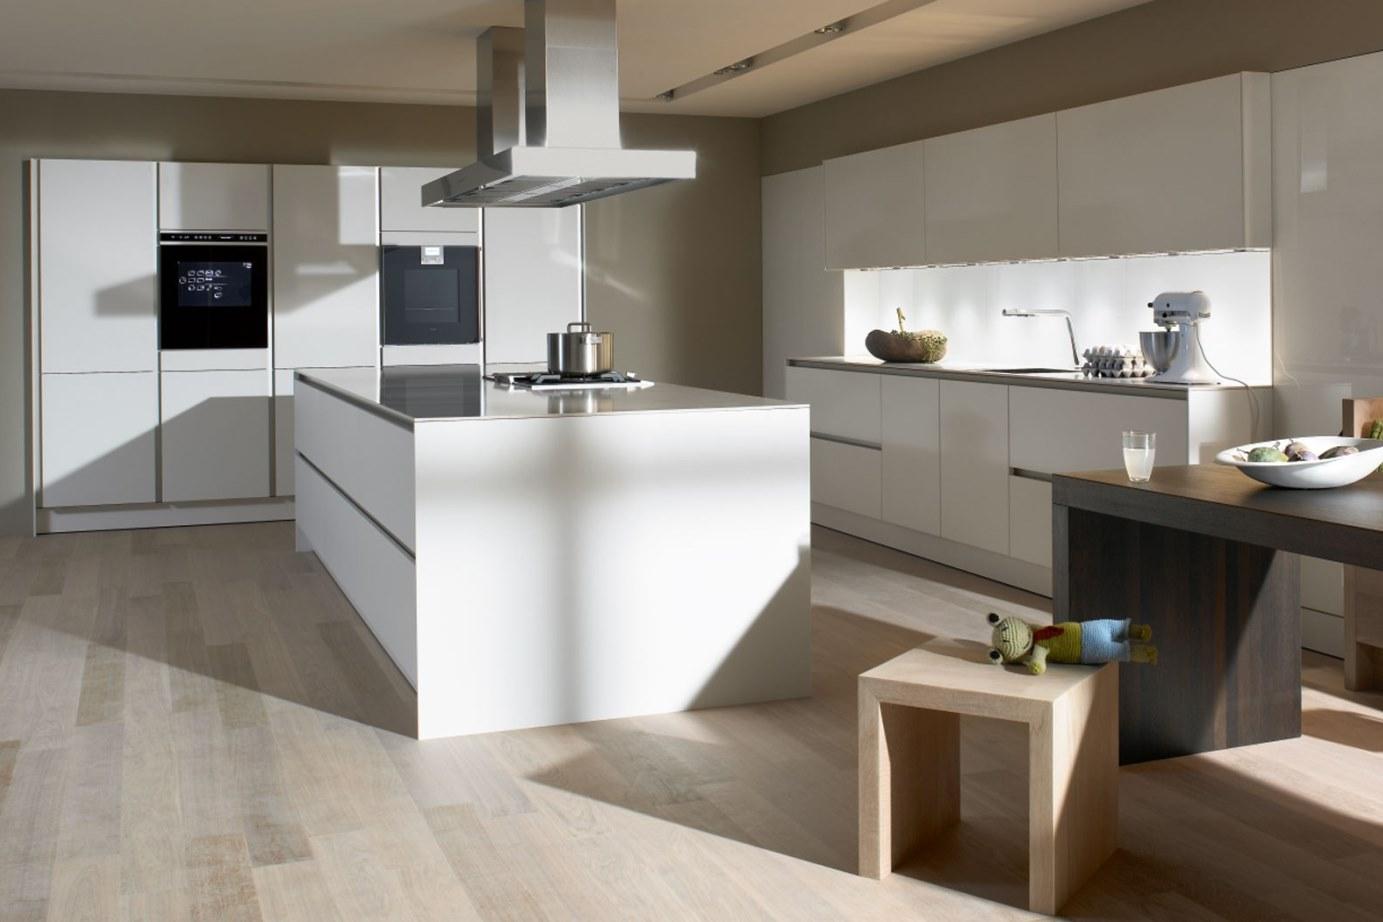 Siemens Keukens Nederland : Siematic keukens innovatie en ongekende luxe db keukens